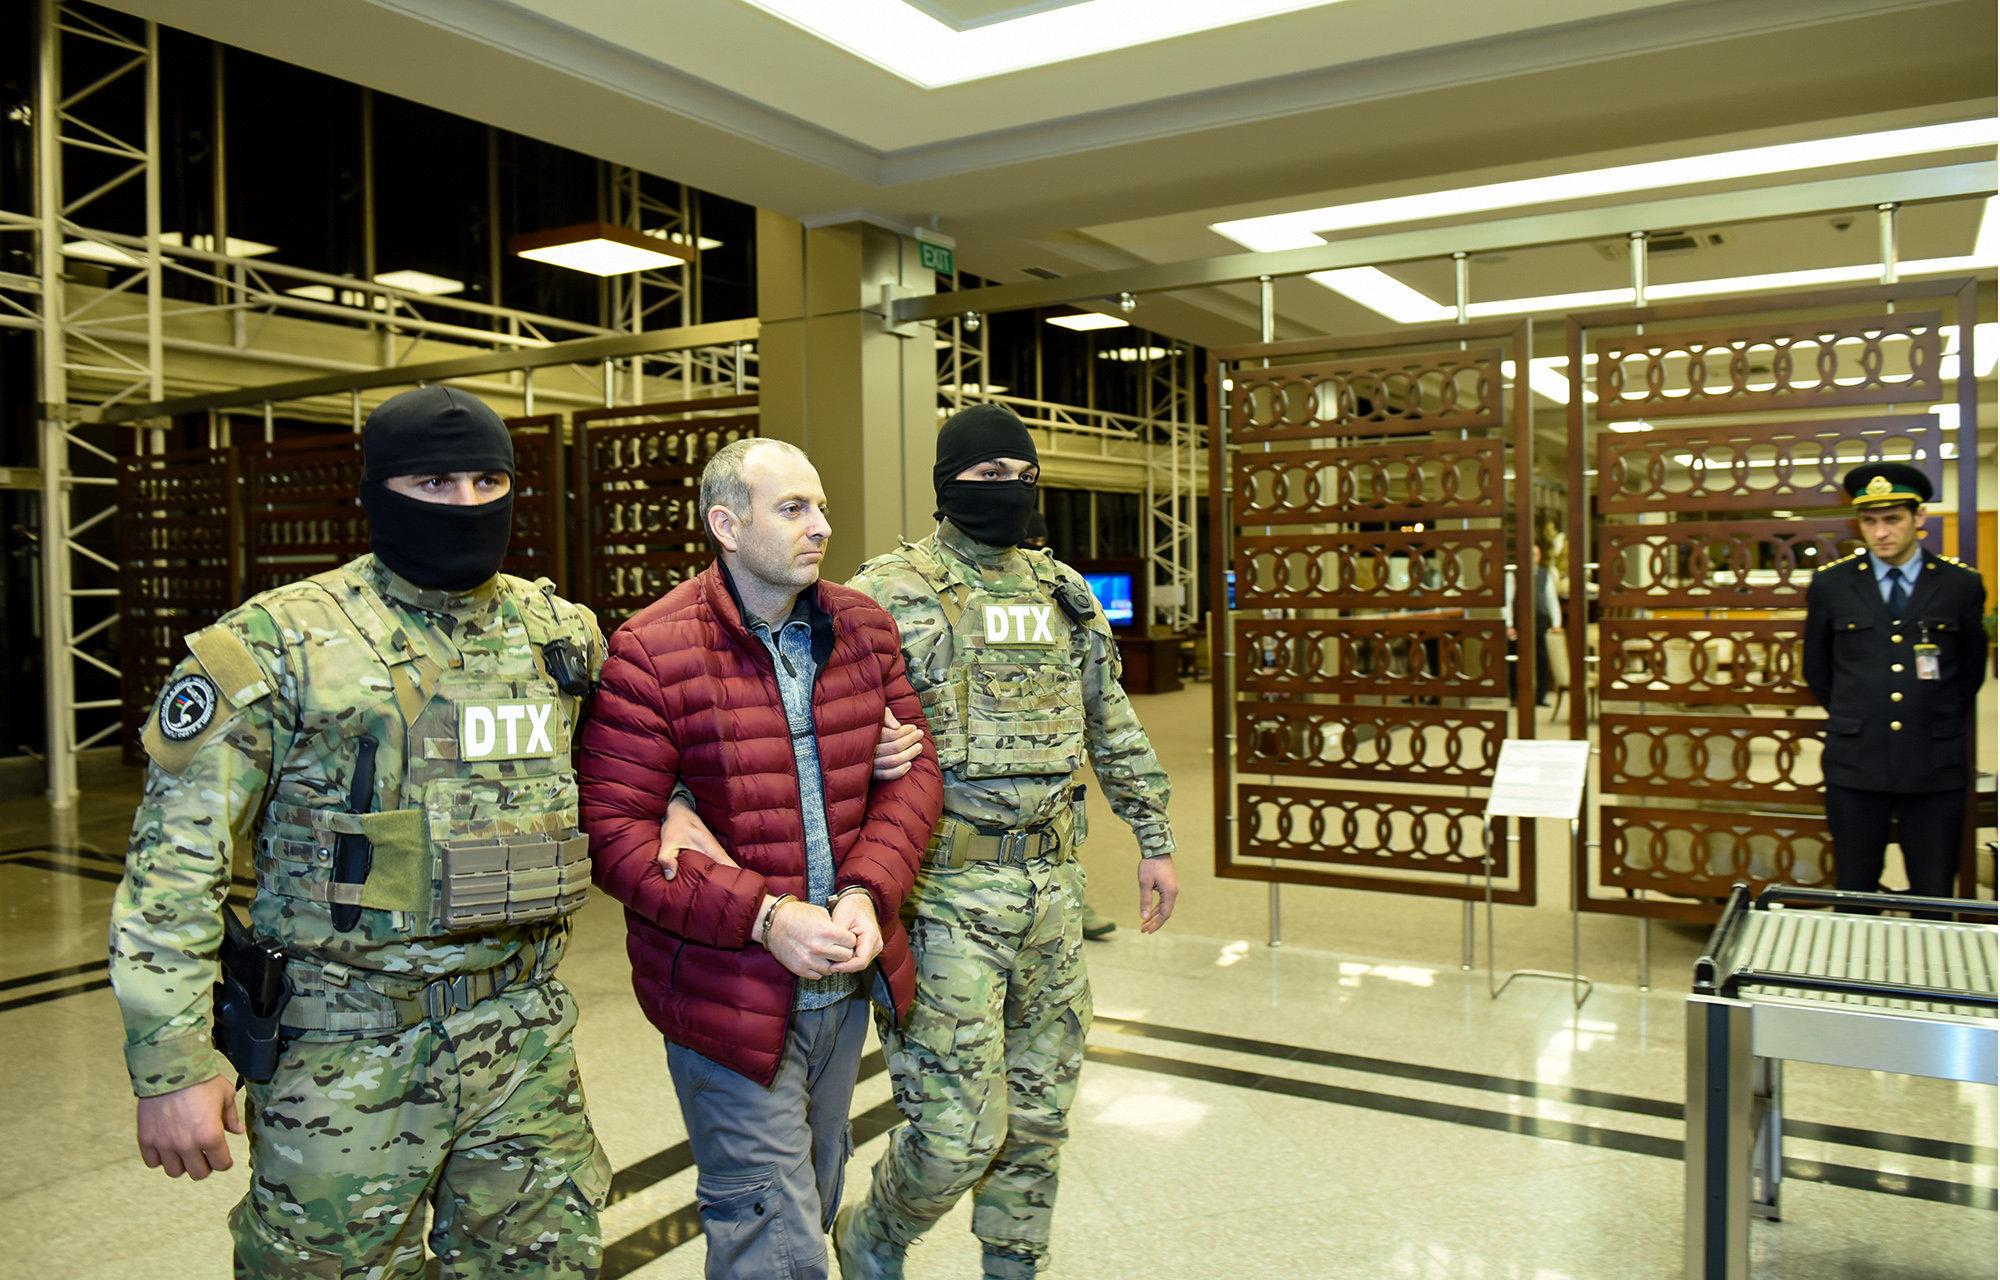 Блогер Александр Лапшин в сопровождении сотрудников Генпрокуратуры